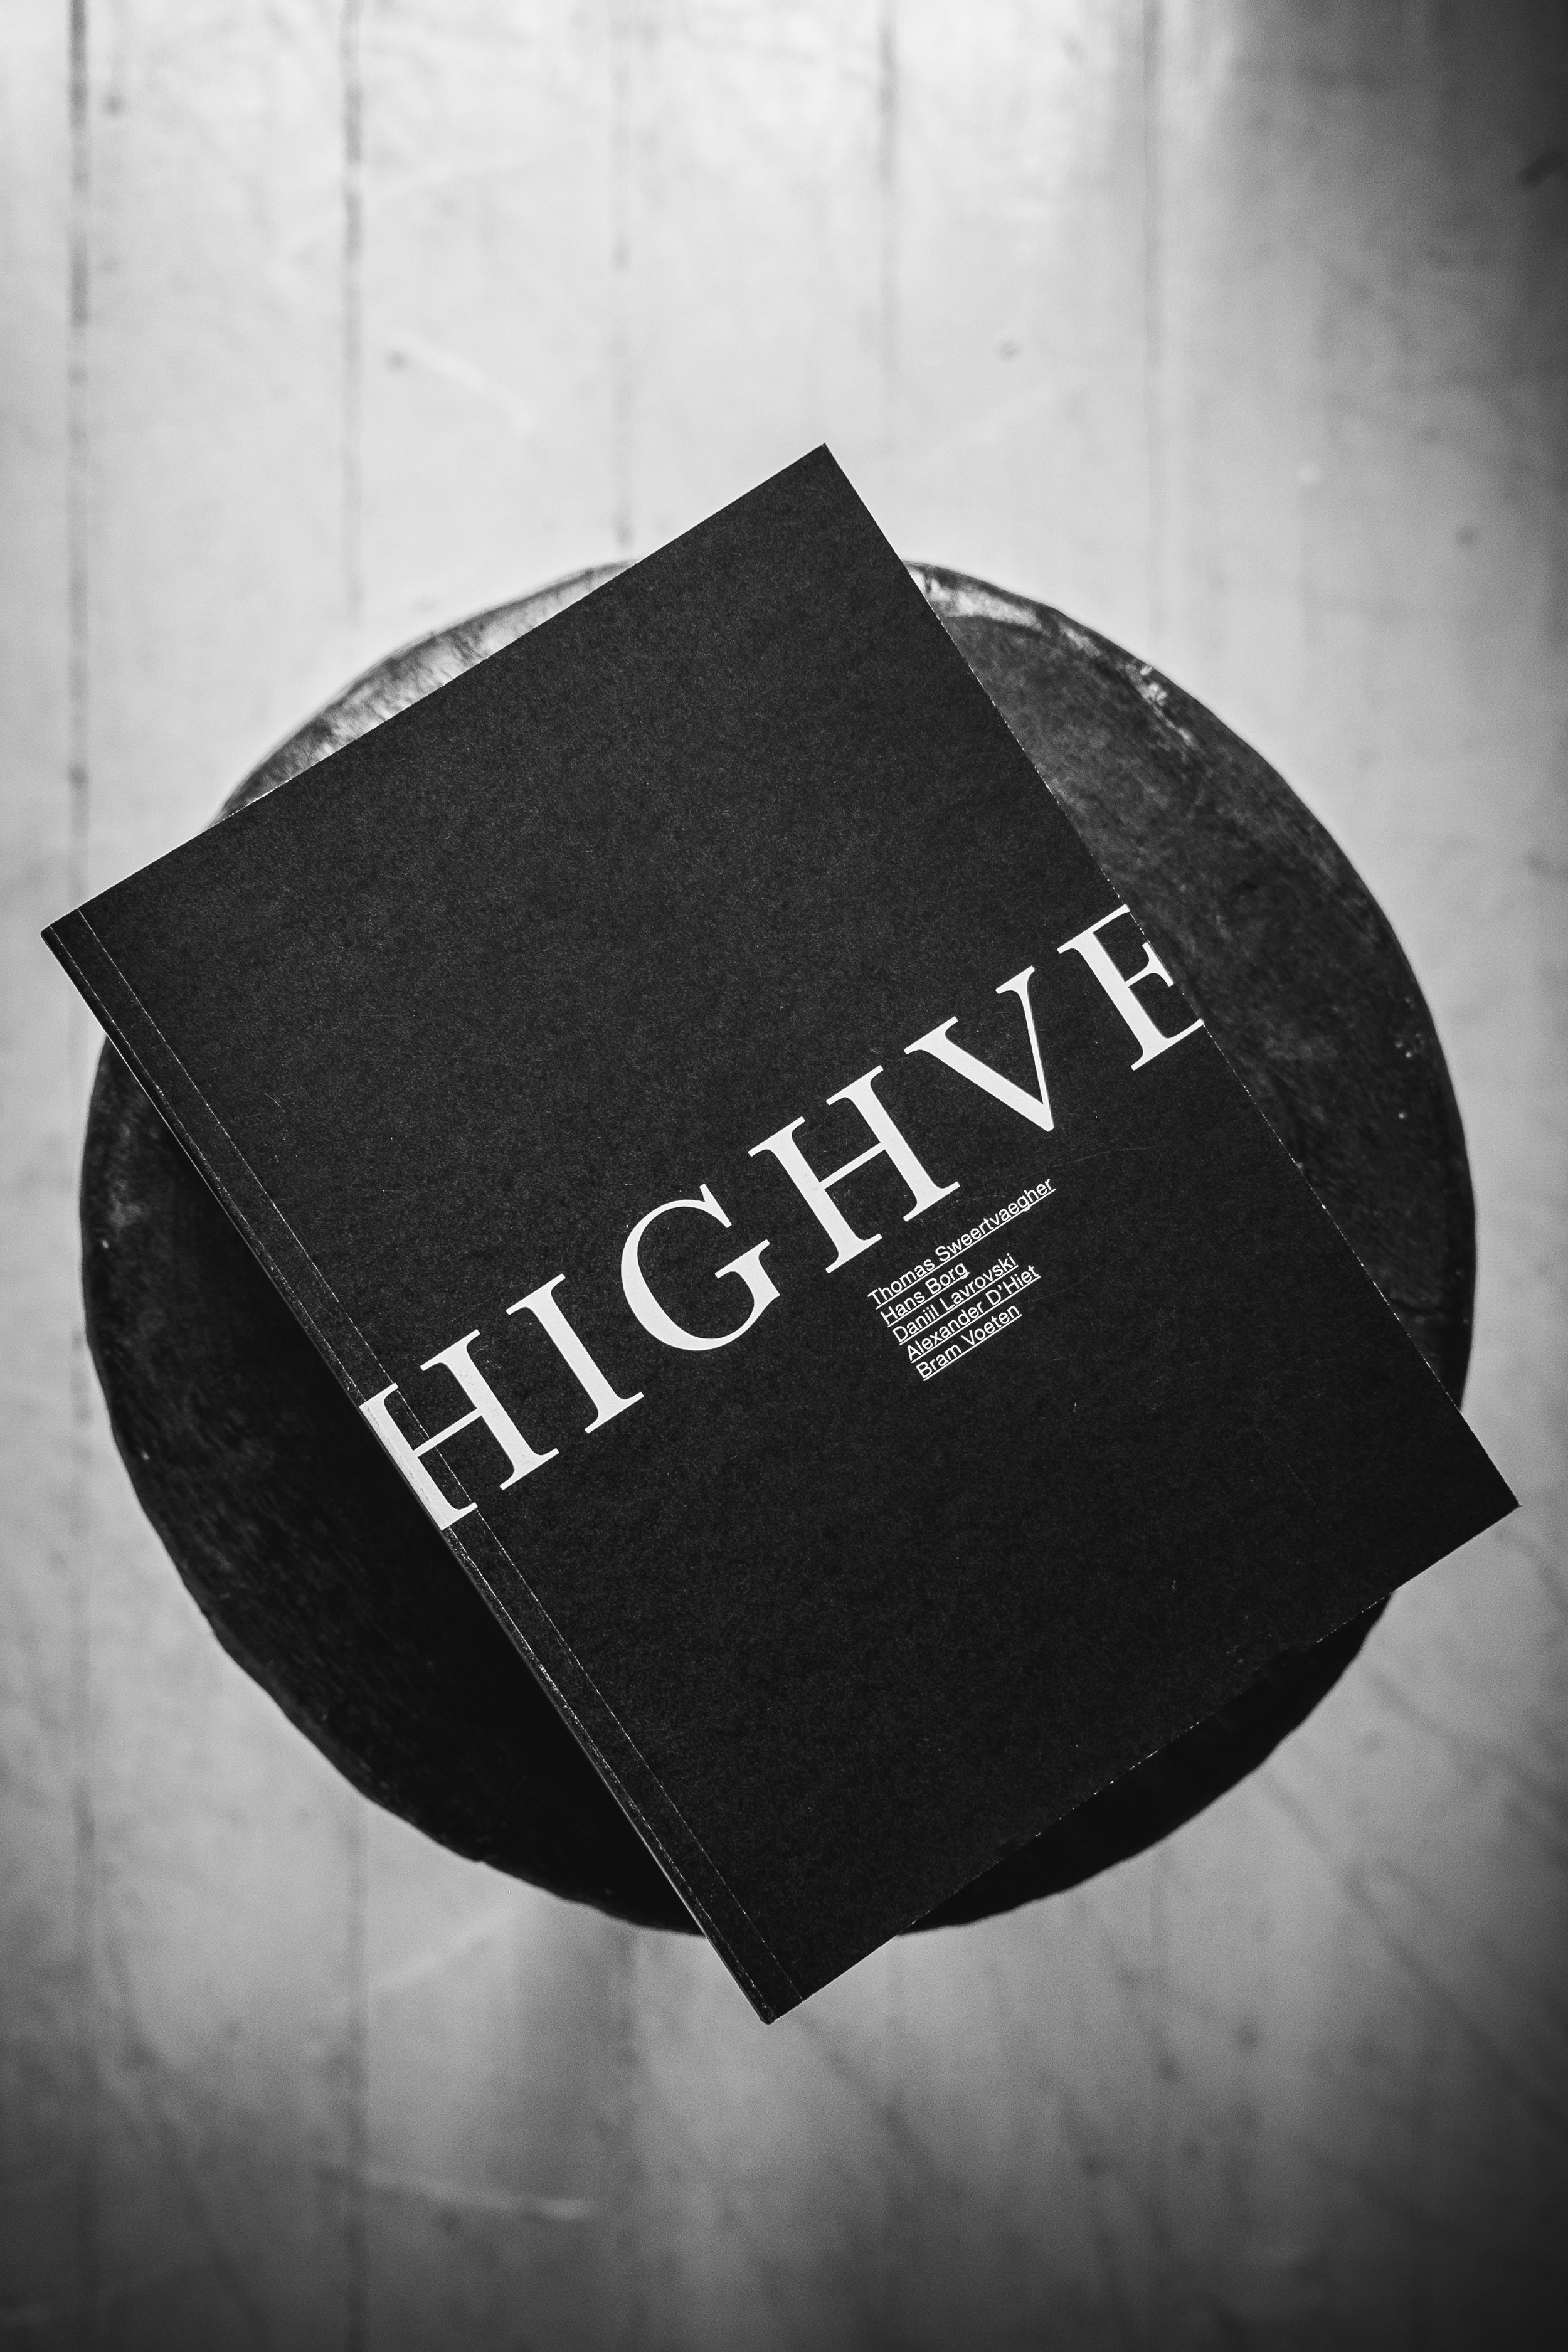 highve.jpg